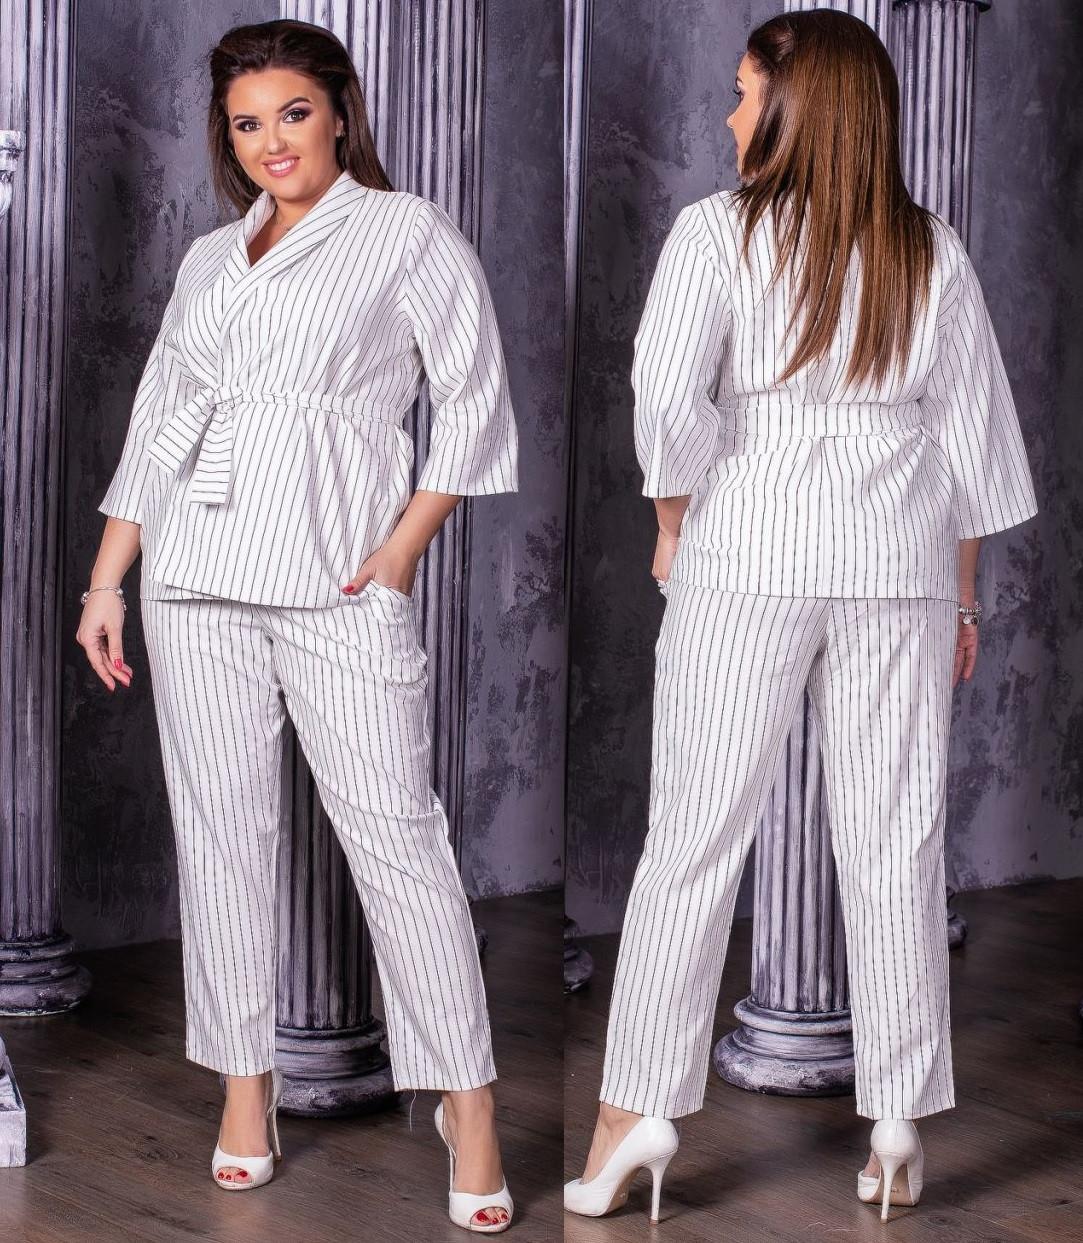 Стильный брючный летний костюм женский из льна: пиджак на запах и укороченные штаны, батал большие размеры